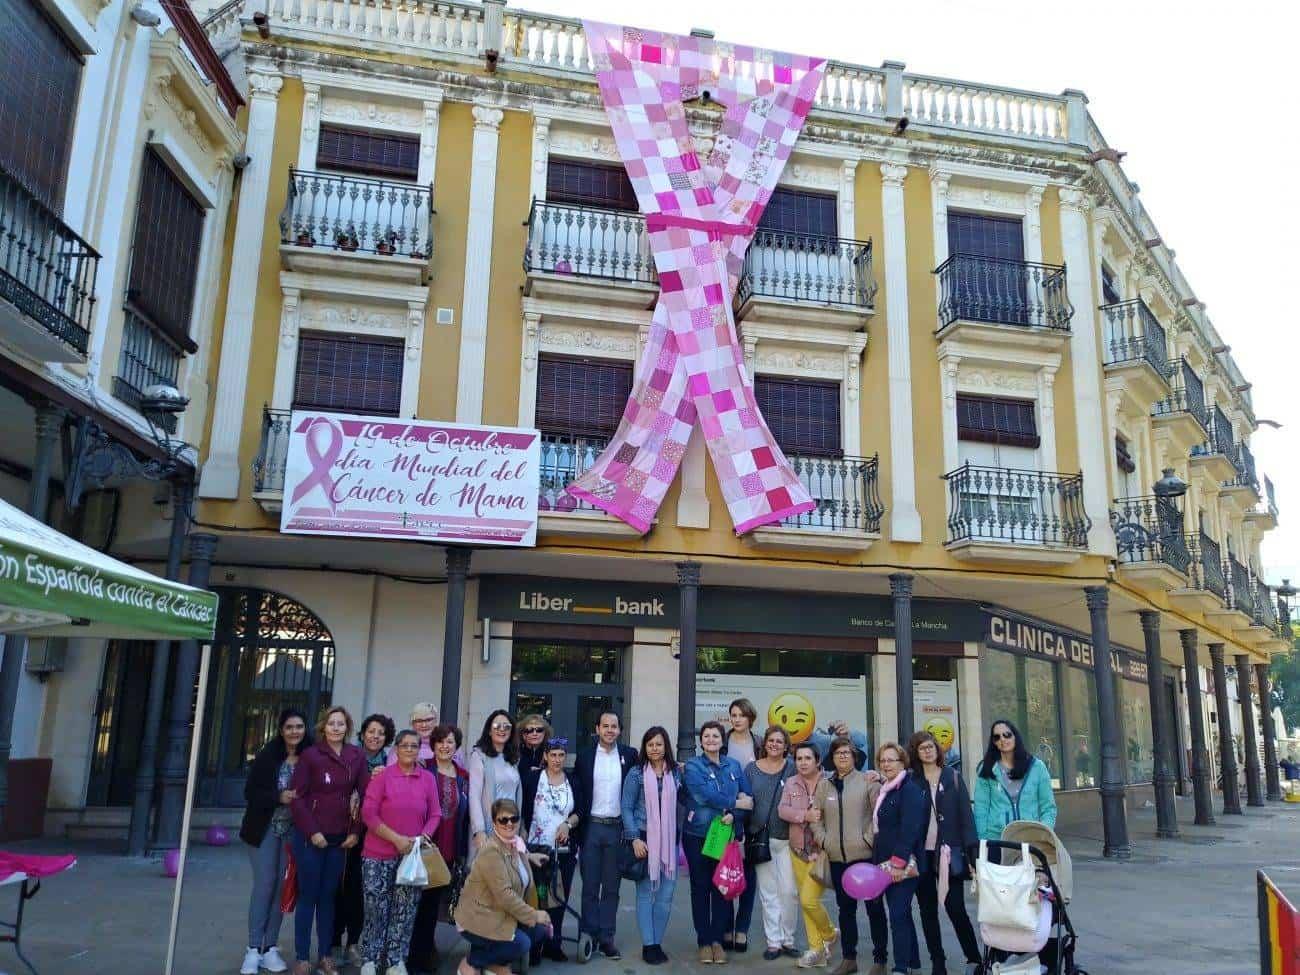 Herencia conmemora el Día Mundial del Cáncer de Mama 5